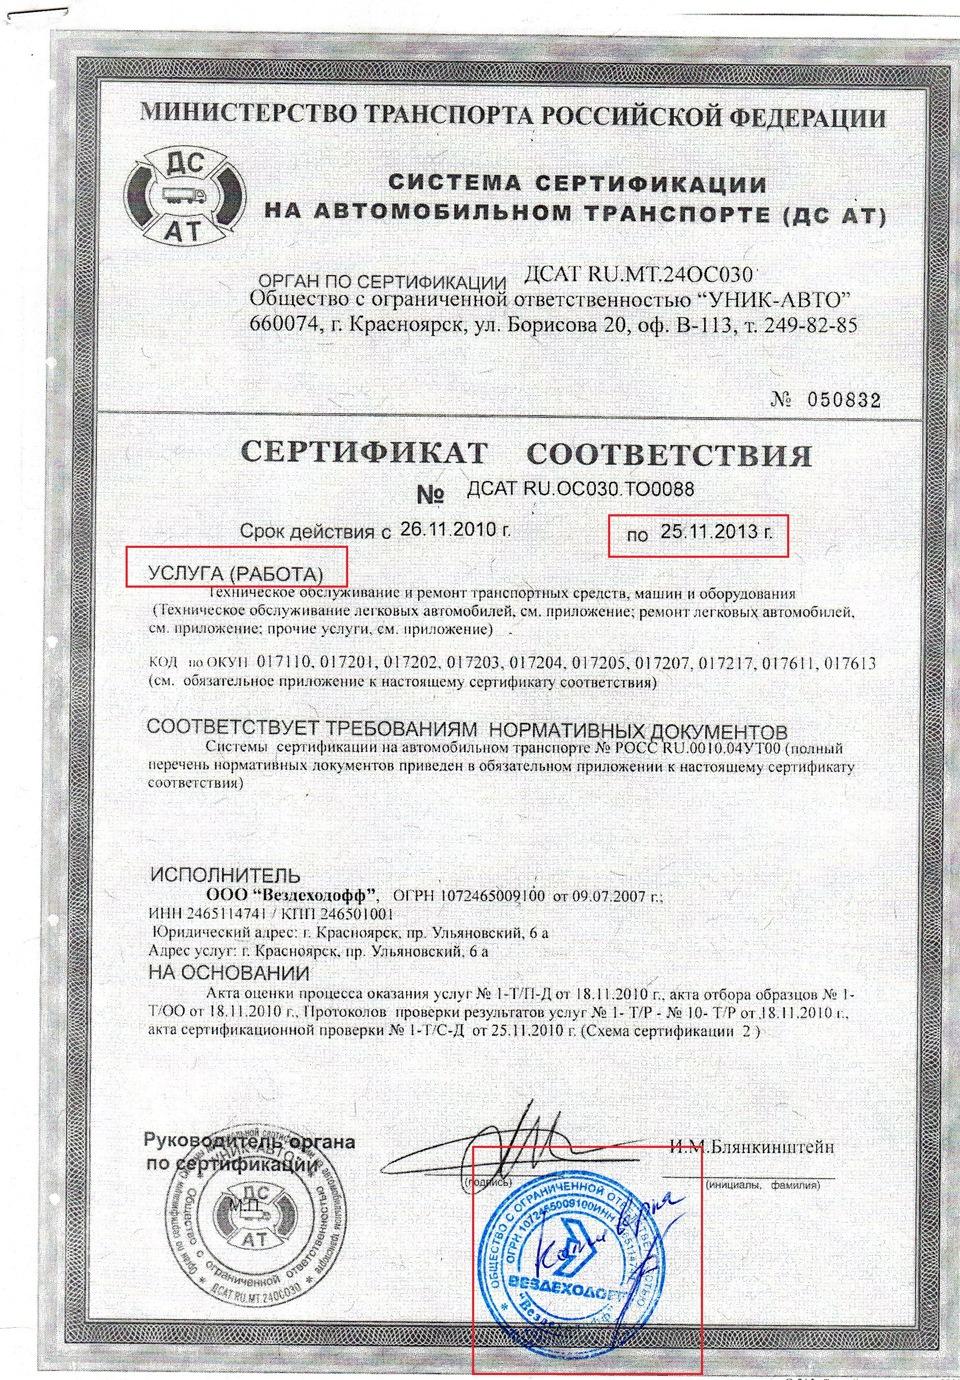 017613 установка дополнительного оборудования сертификация что такое смк исо 9001